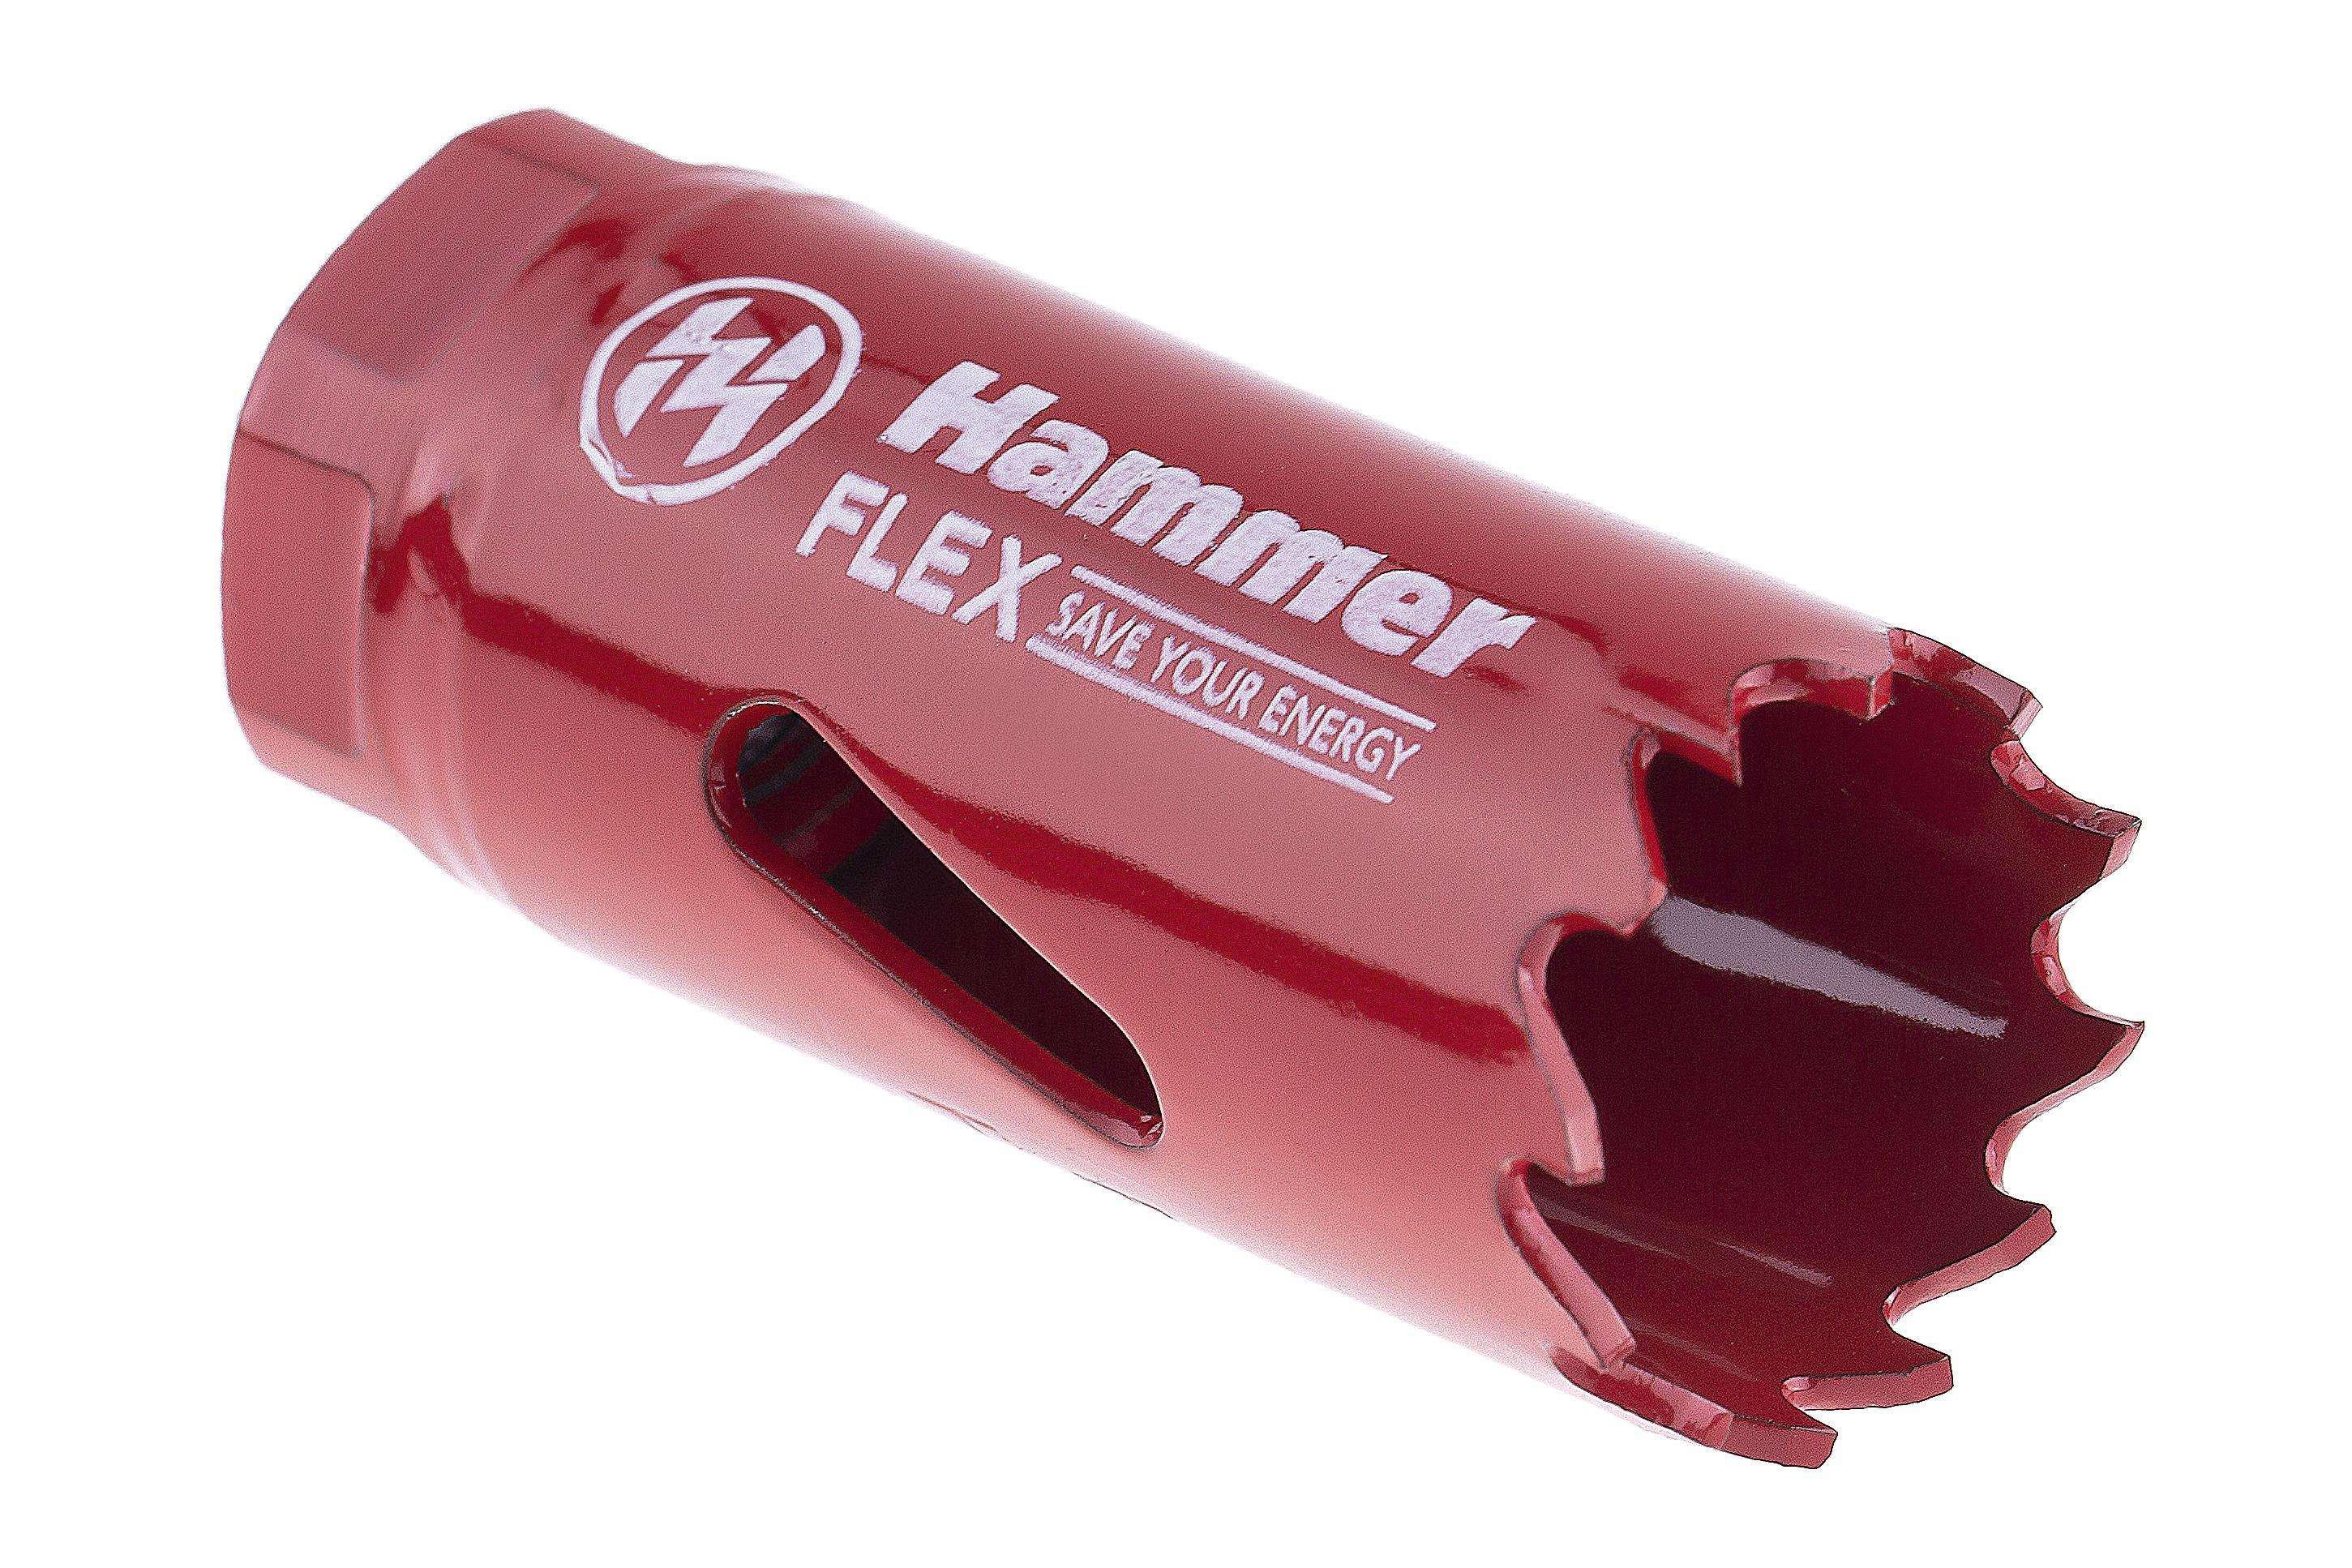 Коронка биметаллическая Hammer 224-003 bimetall 22 мм коронка биметаллическая hammer 224 011 bimetall 57 мм